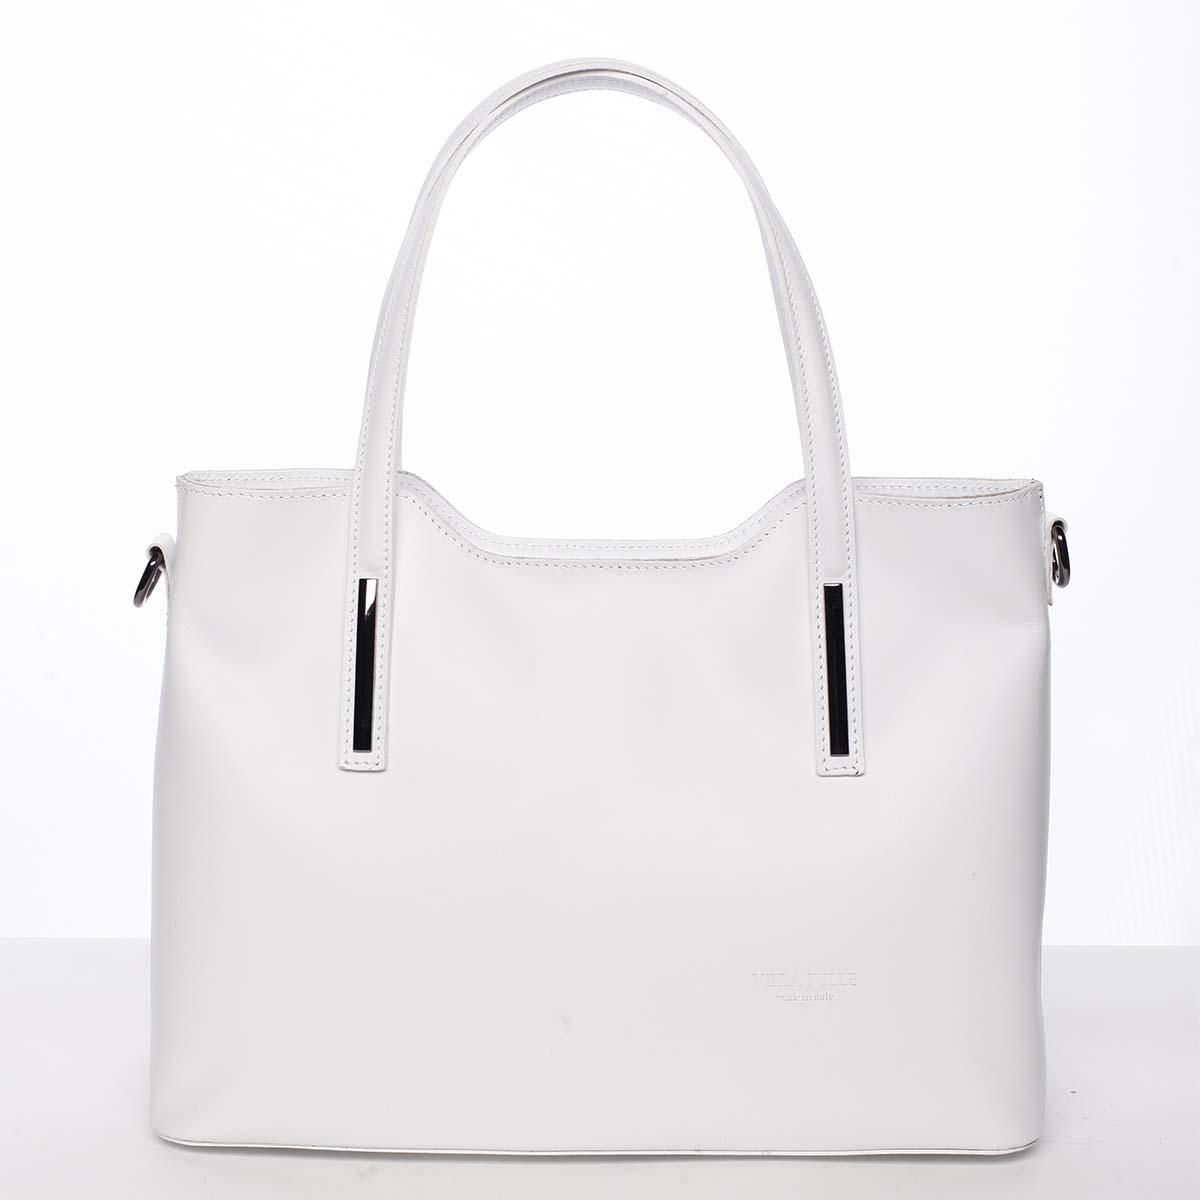 Väčšia kožená kabelka biela - ItalY Sandy biela